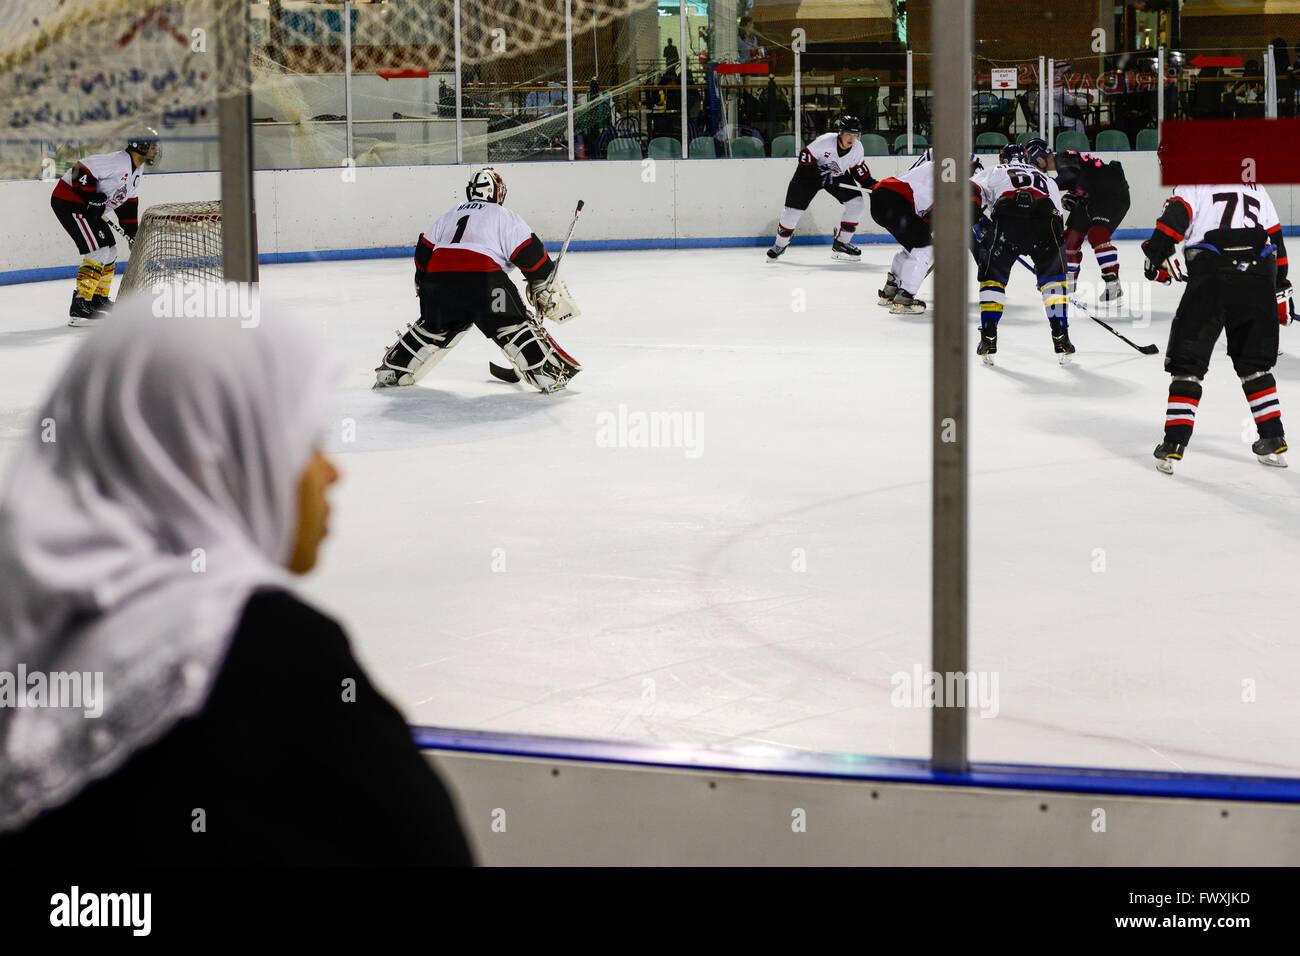 QATAR, Doha, Aspire Zone, Villaggio Mall shopping mall con patinaje sobre hielo, el hockey sobre hielo juego / KATAR, Imagen De Stock